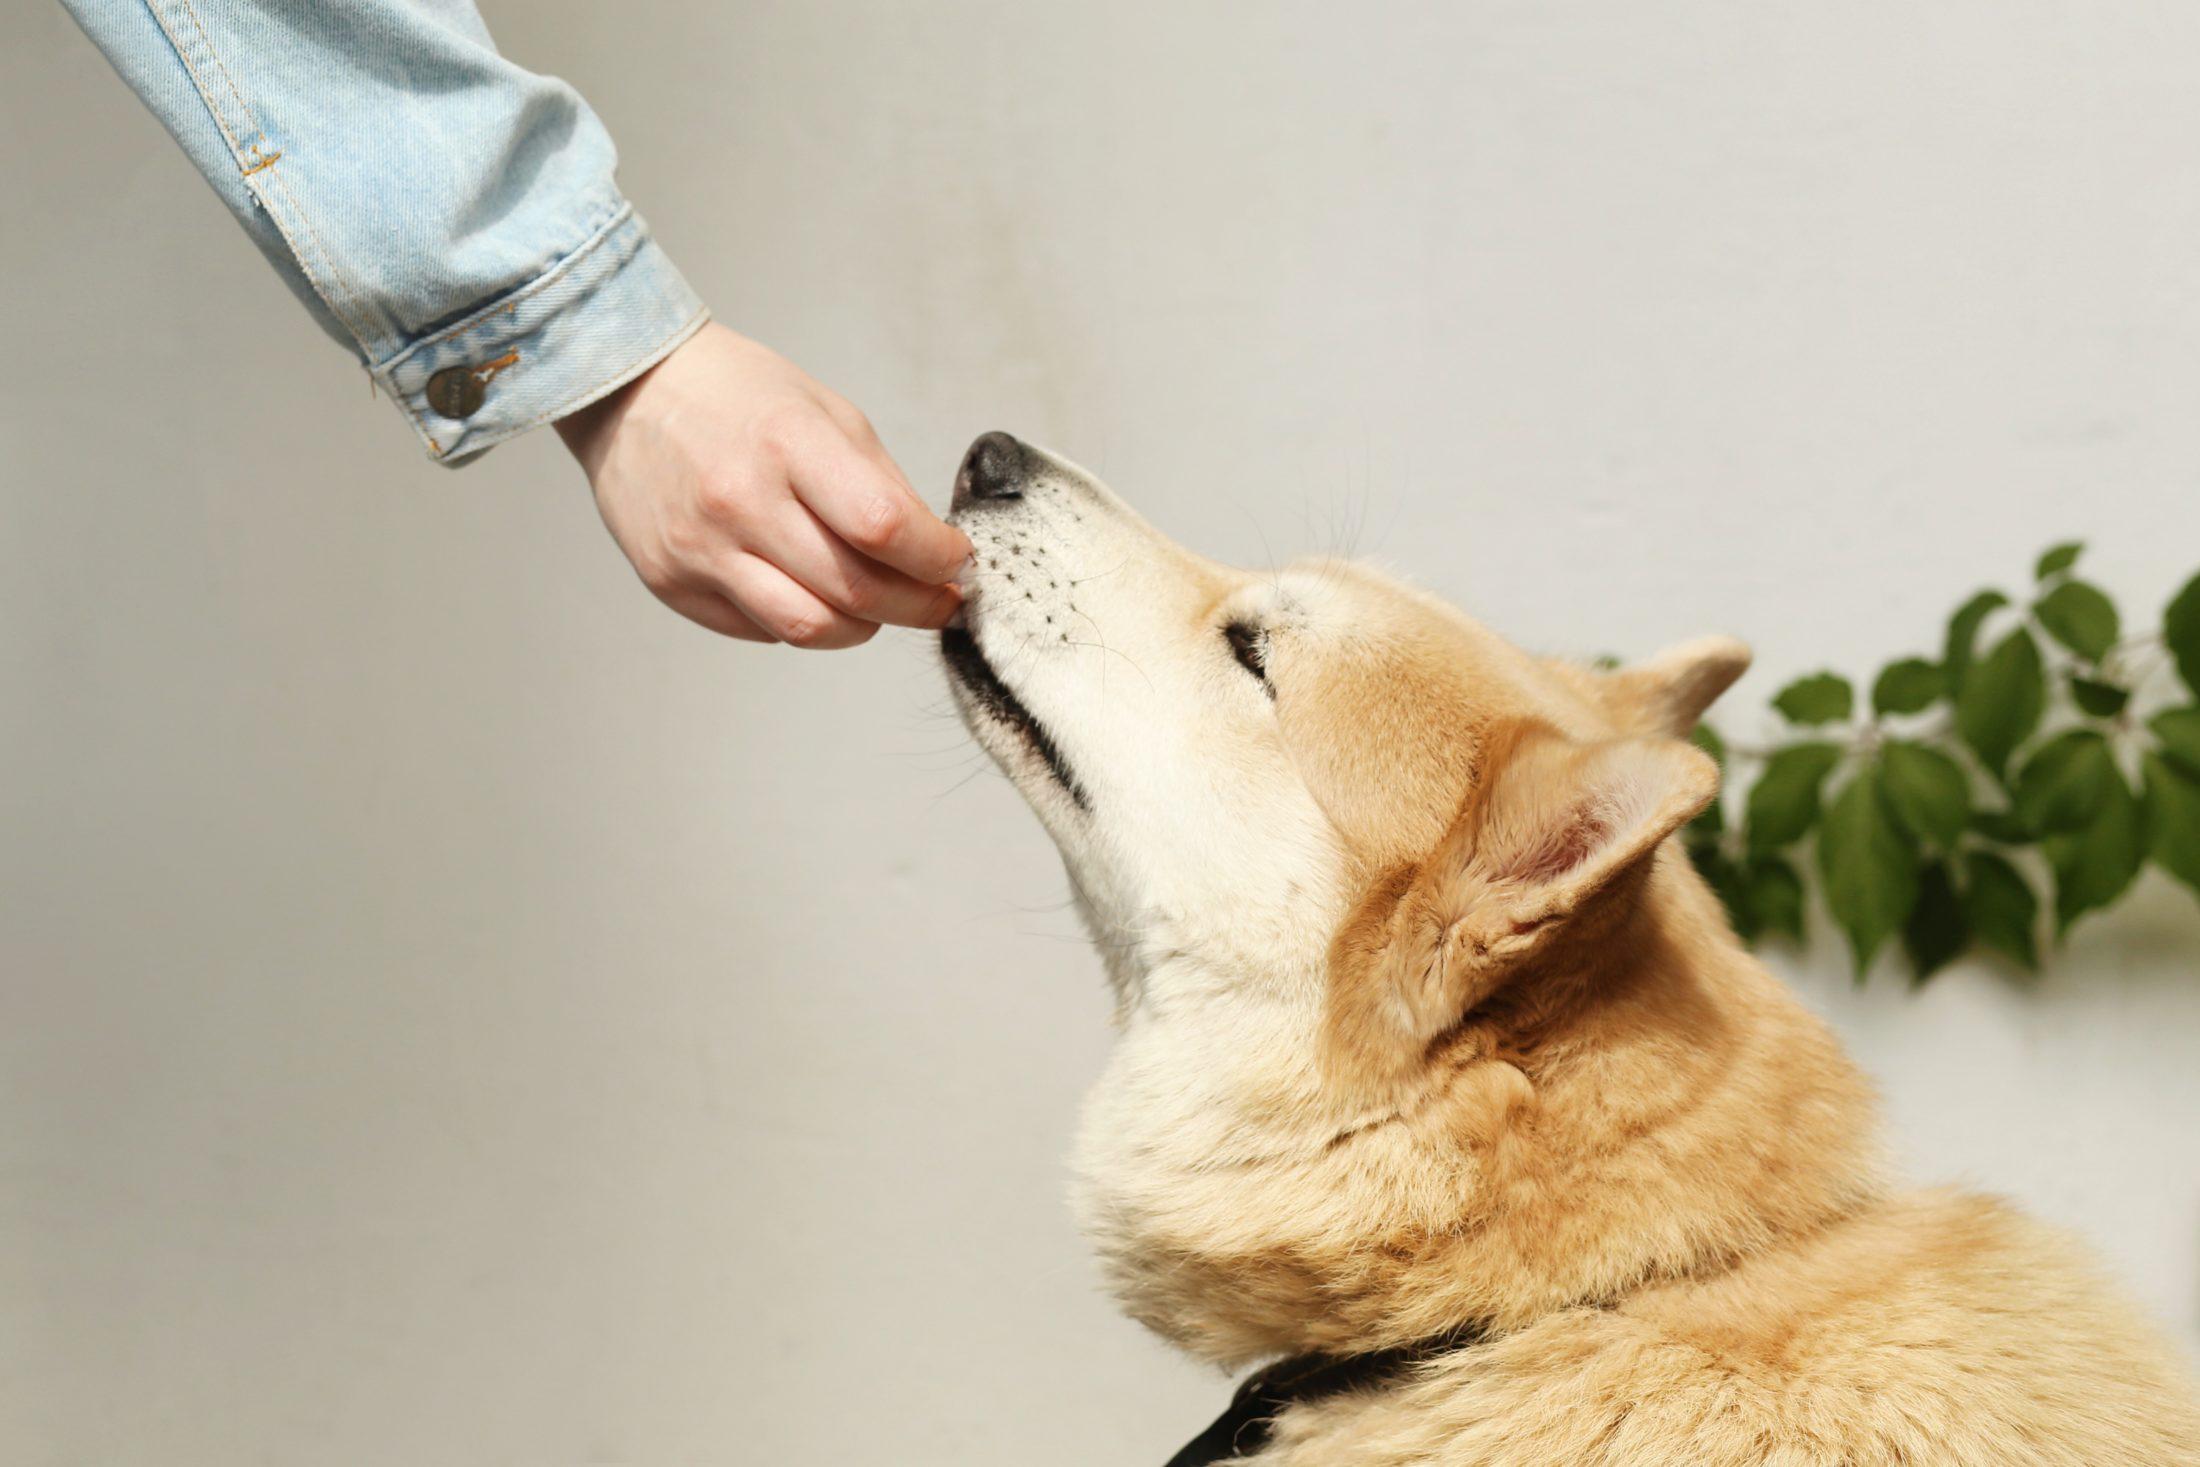 tutor dando petisco para cachorro na boca do animal